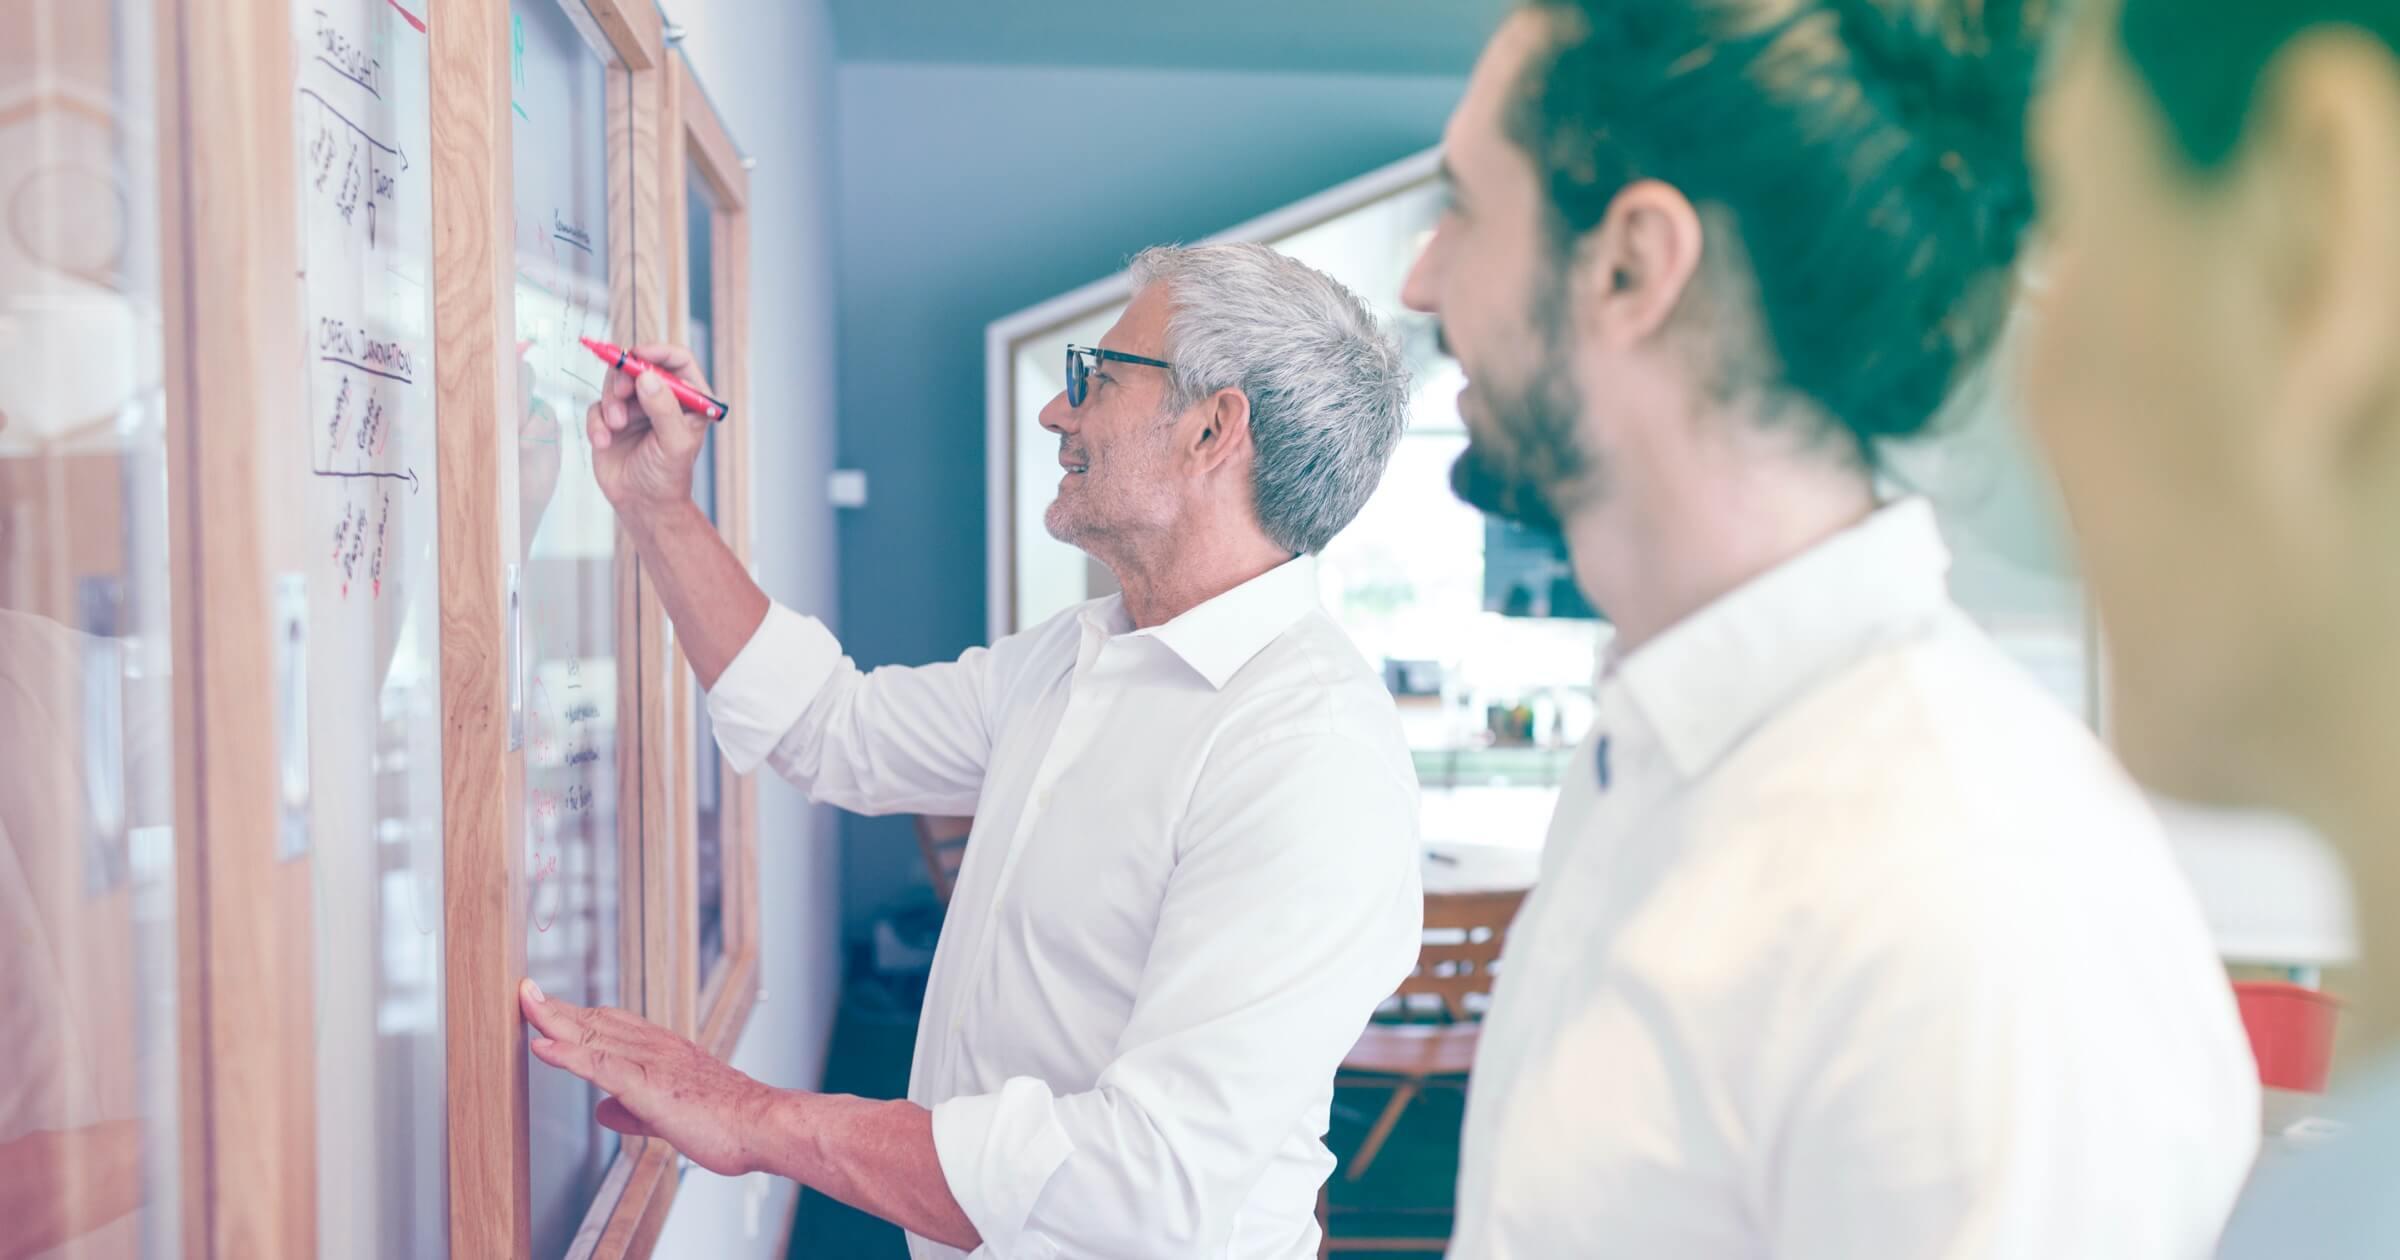 Die moderne HR Organisation ist agil und digital. Wir zeigen, welche Voraussetzungen hierfür geschaffen werden müssen.